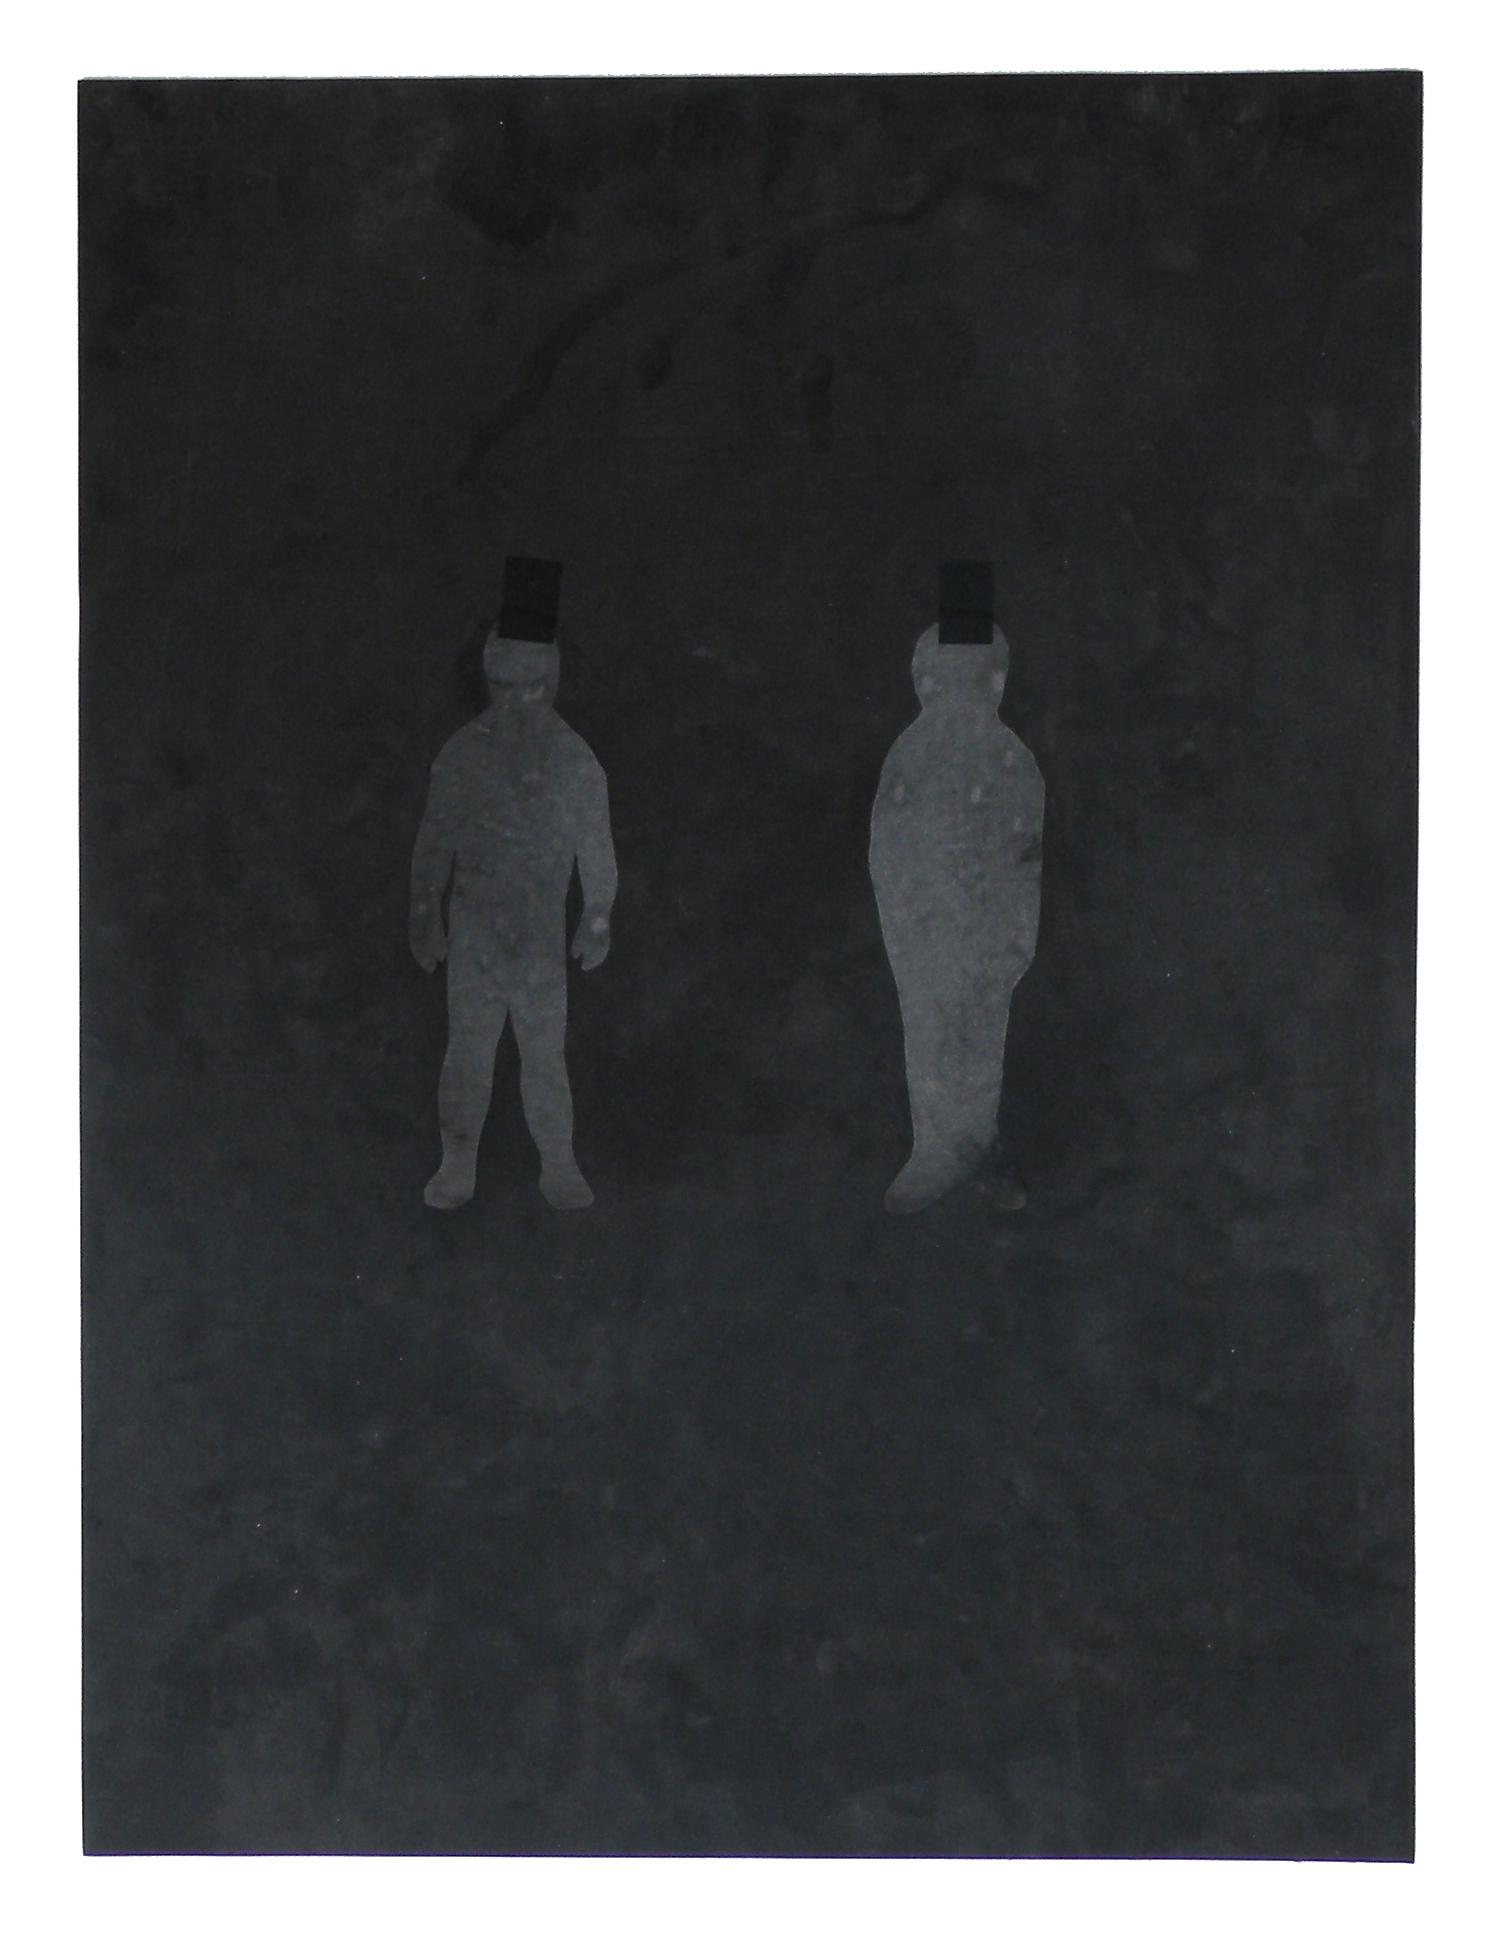 two mylar figures